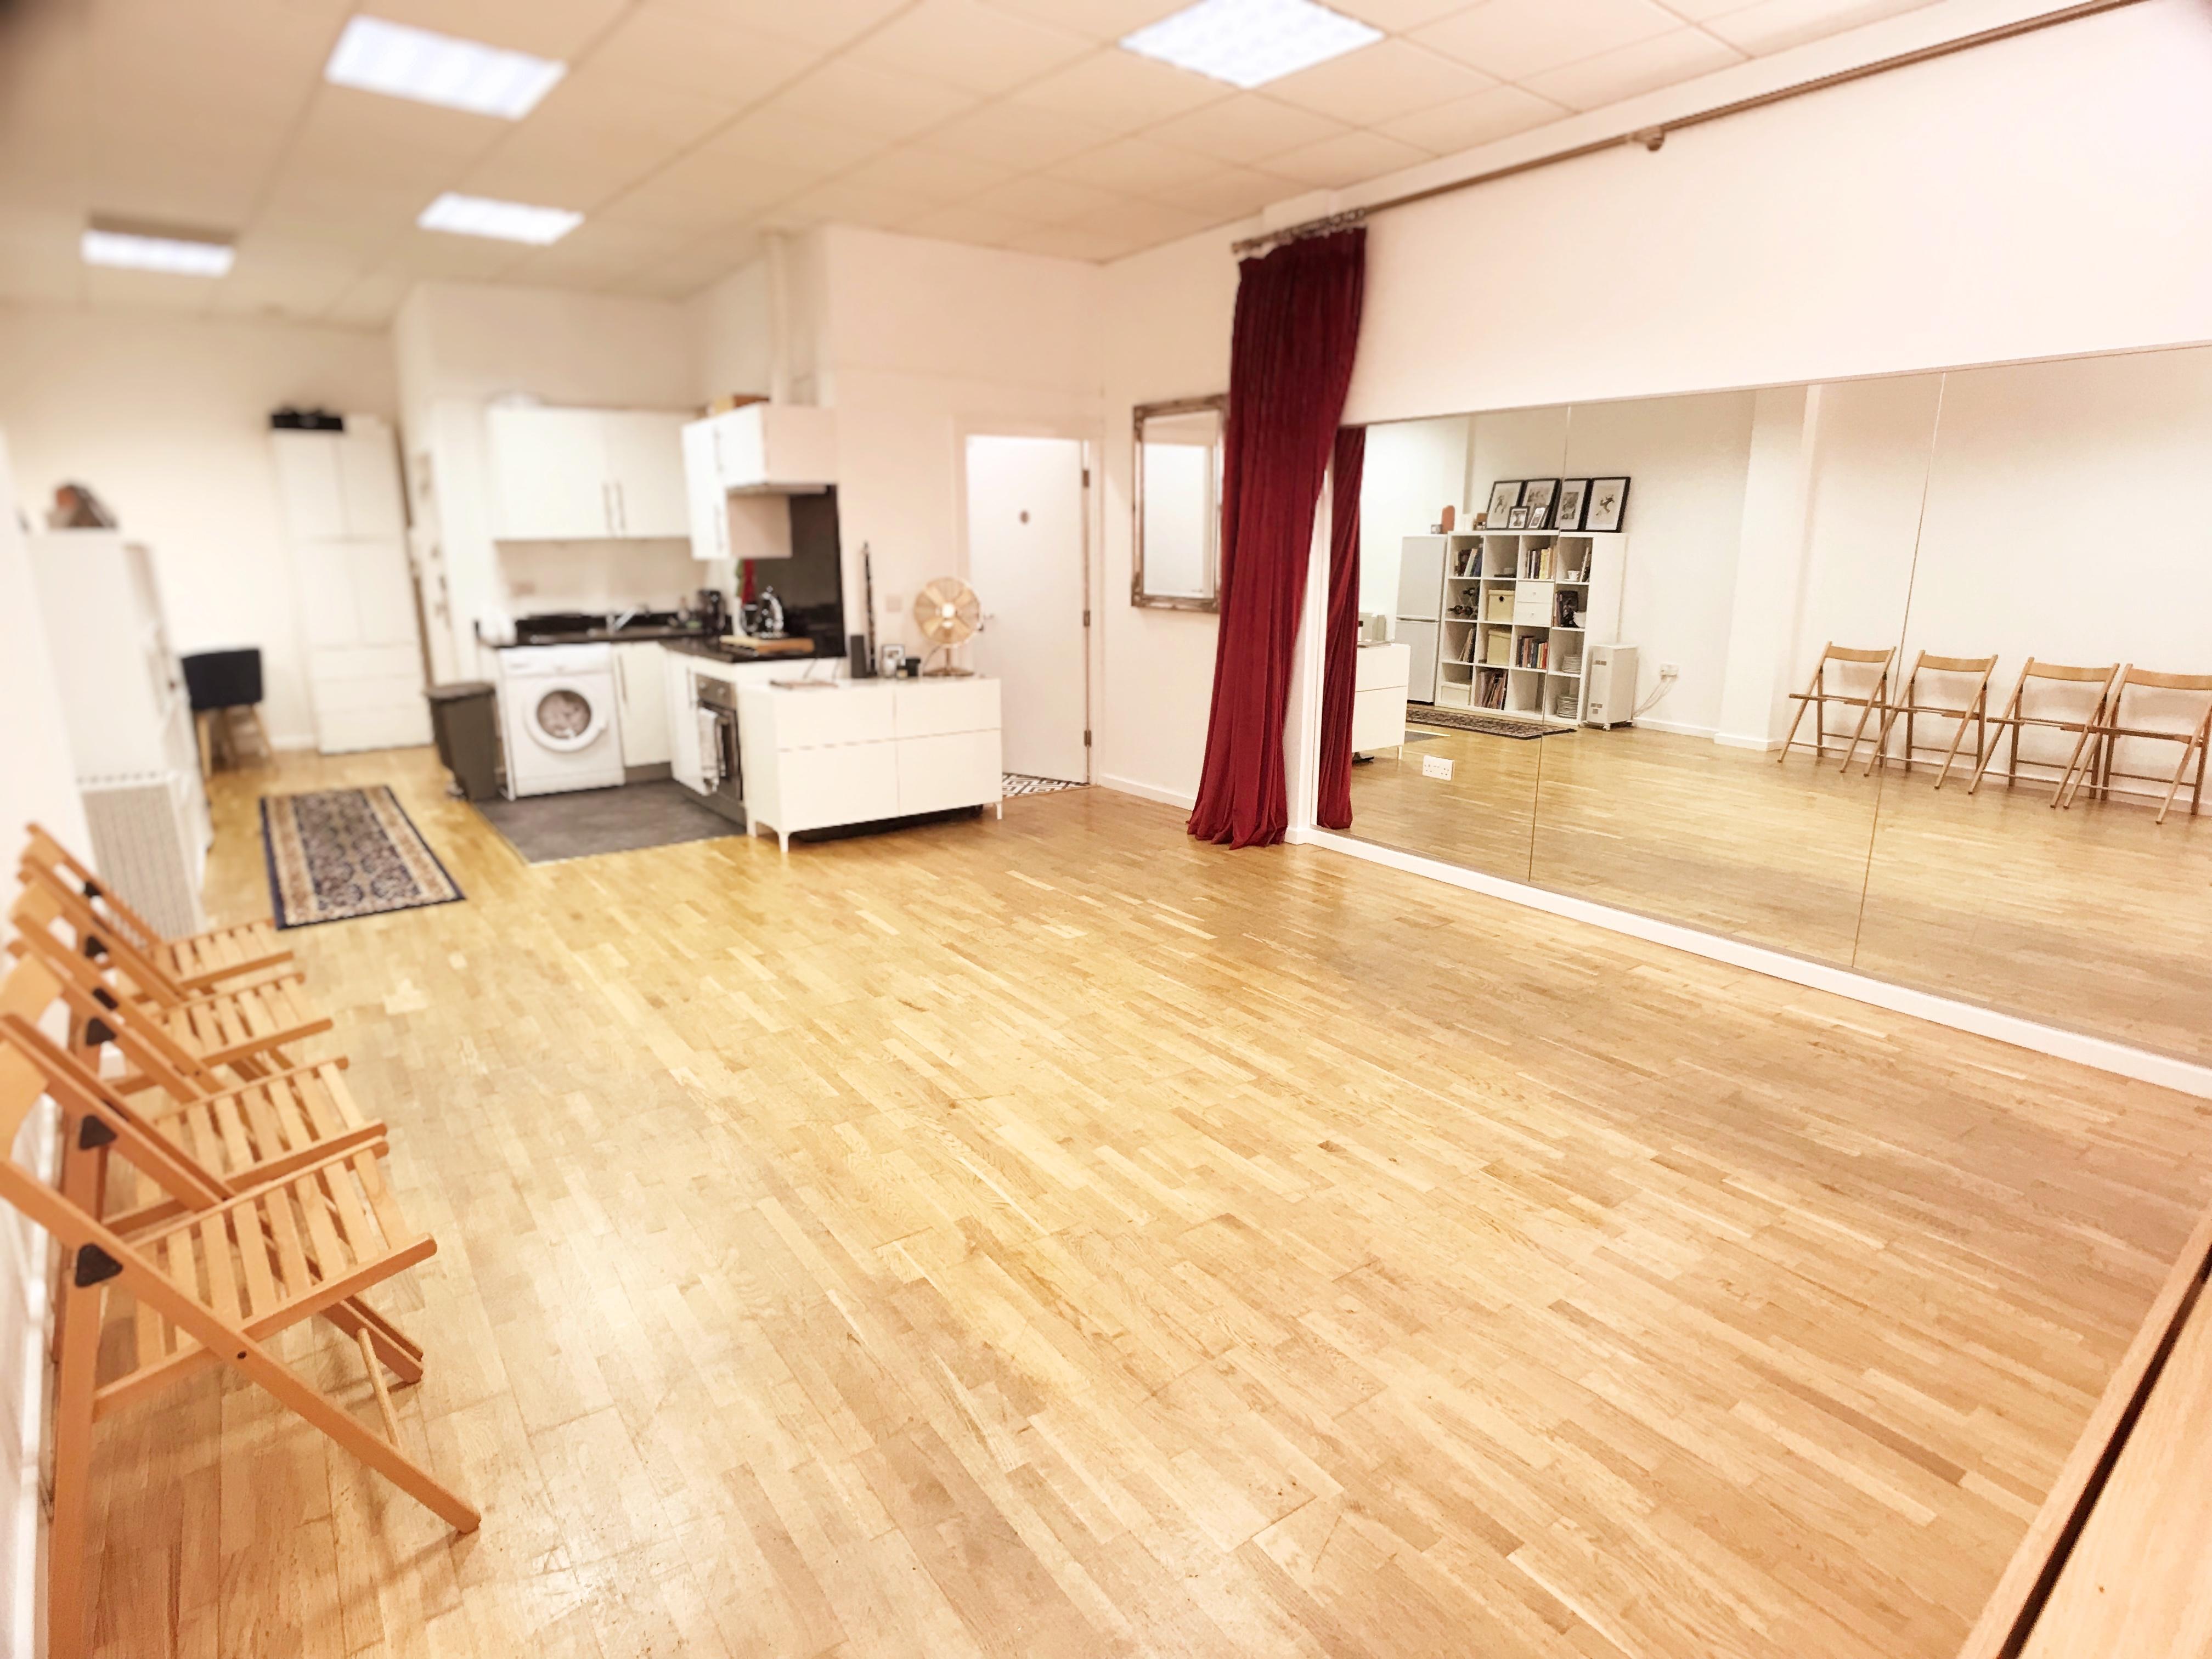 JazzMAD Dance Studio